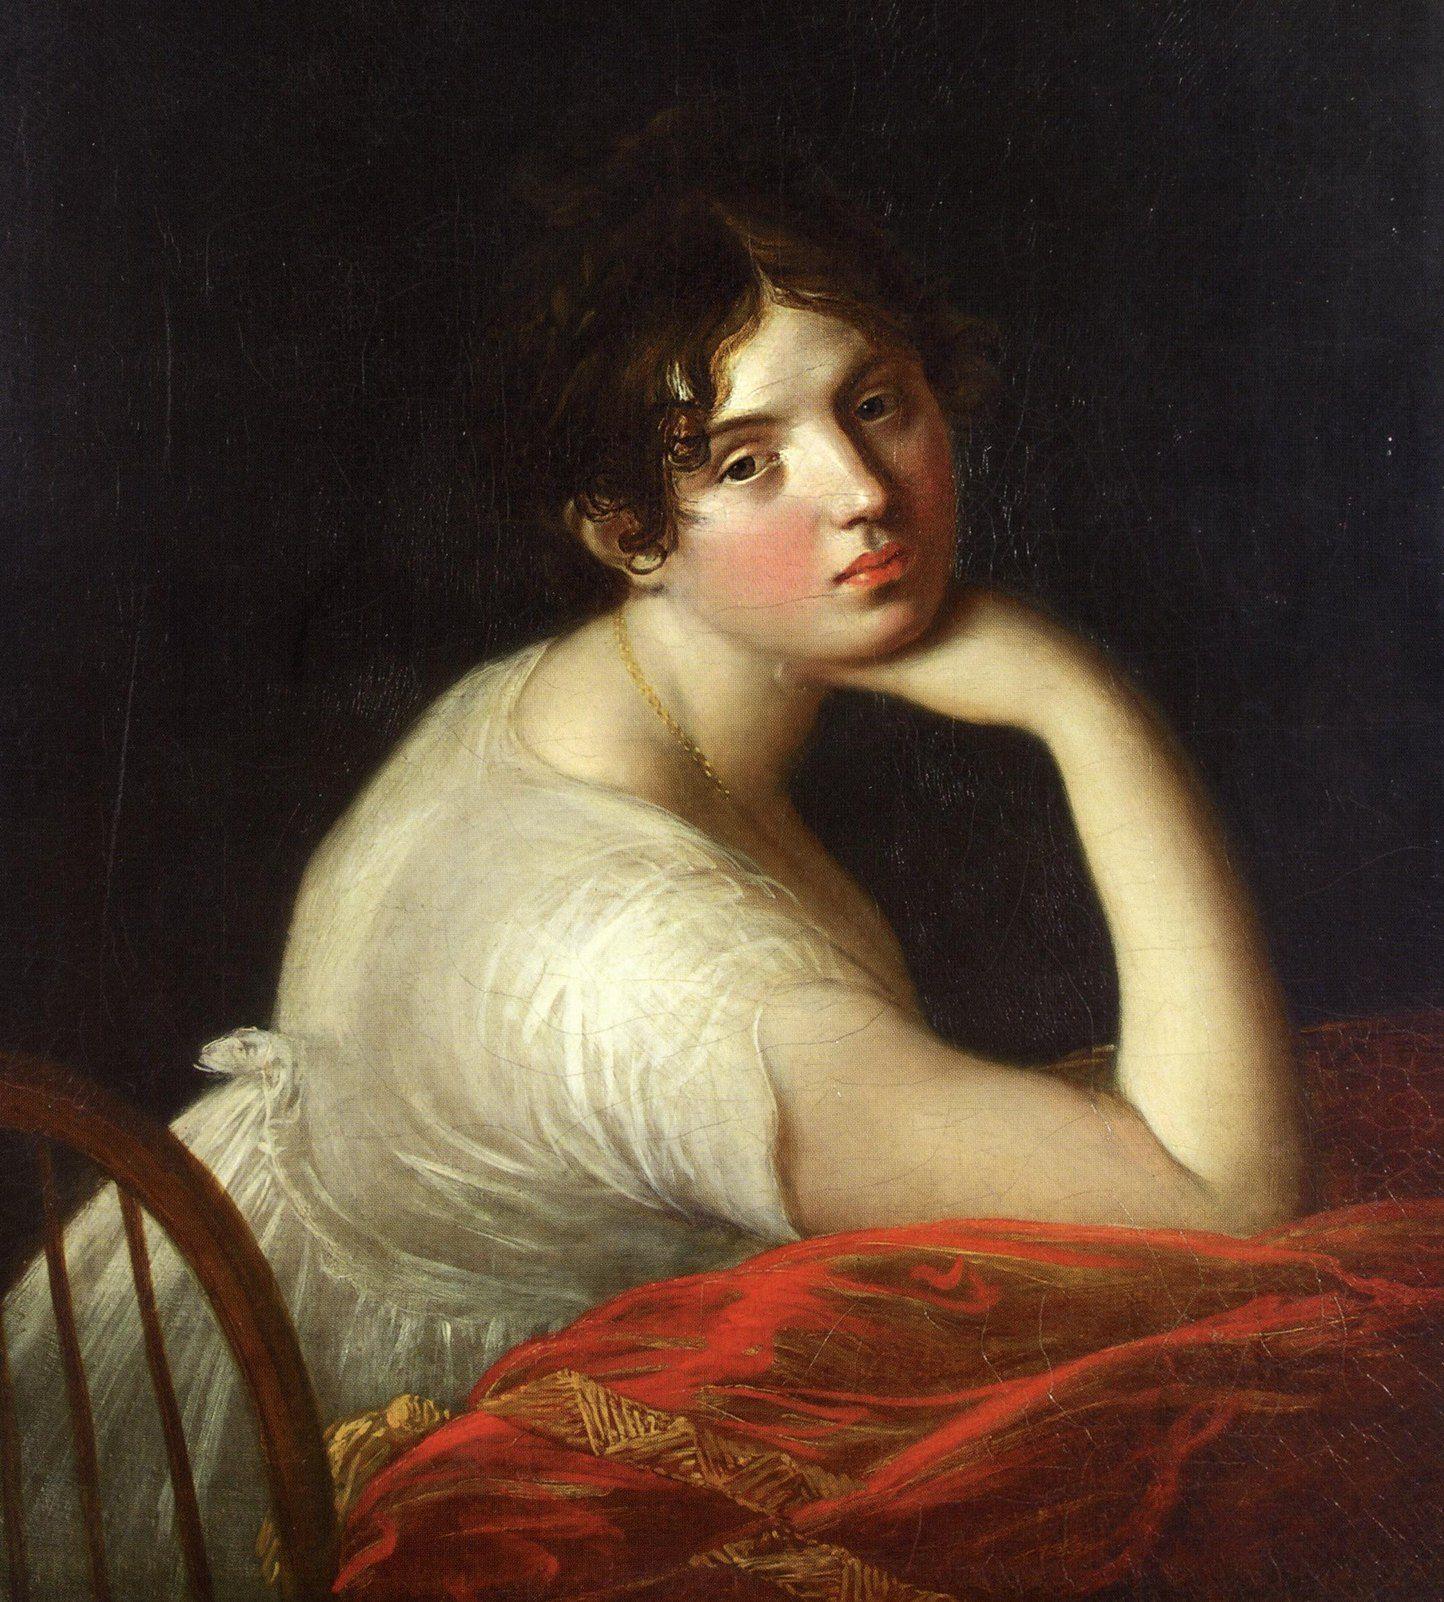 Kobieta, która sprawiała, że car zapominał o przepięknej żonie. Maria Czetwertyńska na obrazie Salvatore Tonci (źródło: domena publiczna).